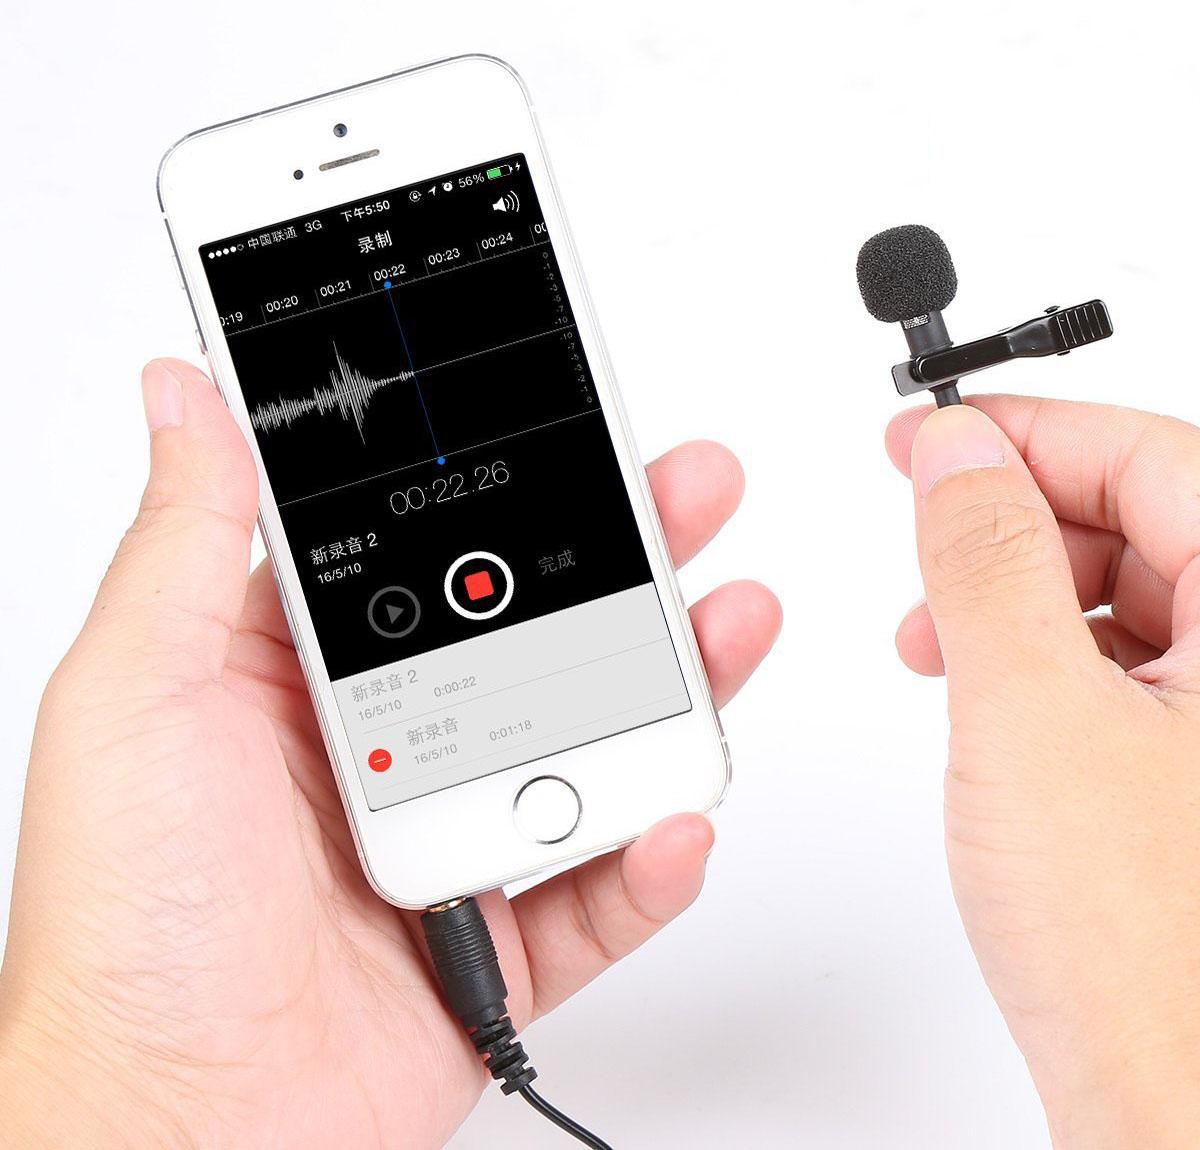 kompatibel mit iPhone iPad Kondensator Freisprechmikrofon 3,5 mm Stecker Ansteckmikrofon Android Windows